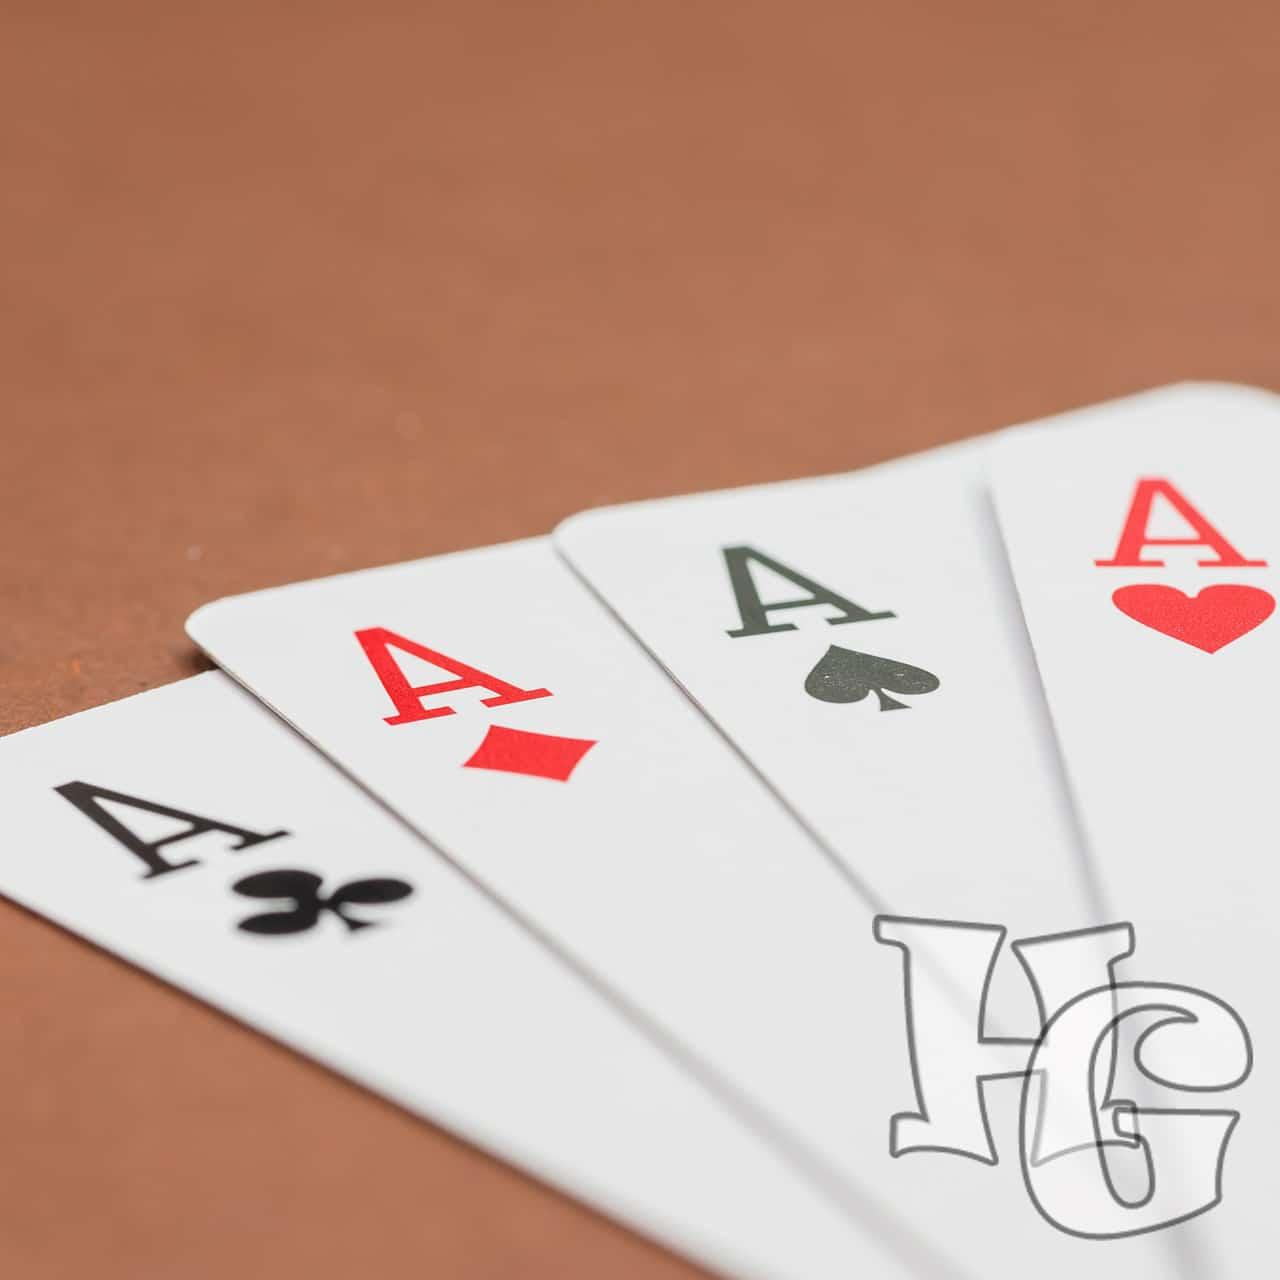 Игра в карты очко как играть франк казино игровые автоматы